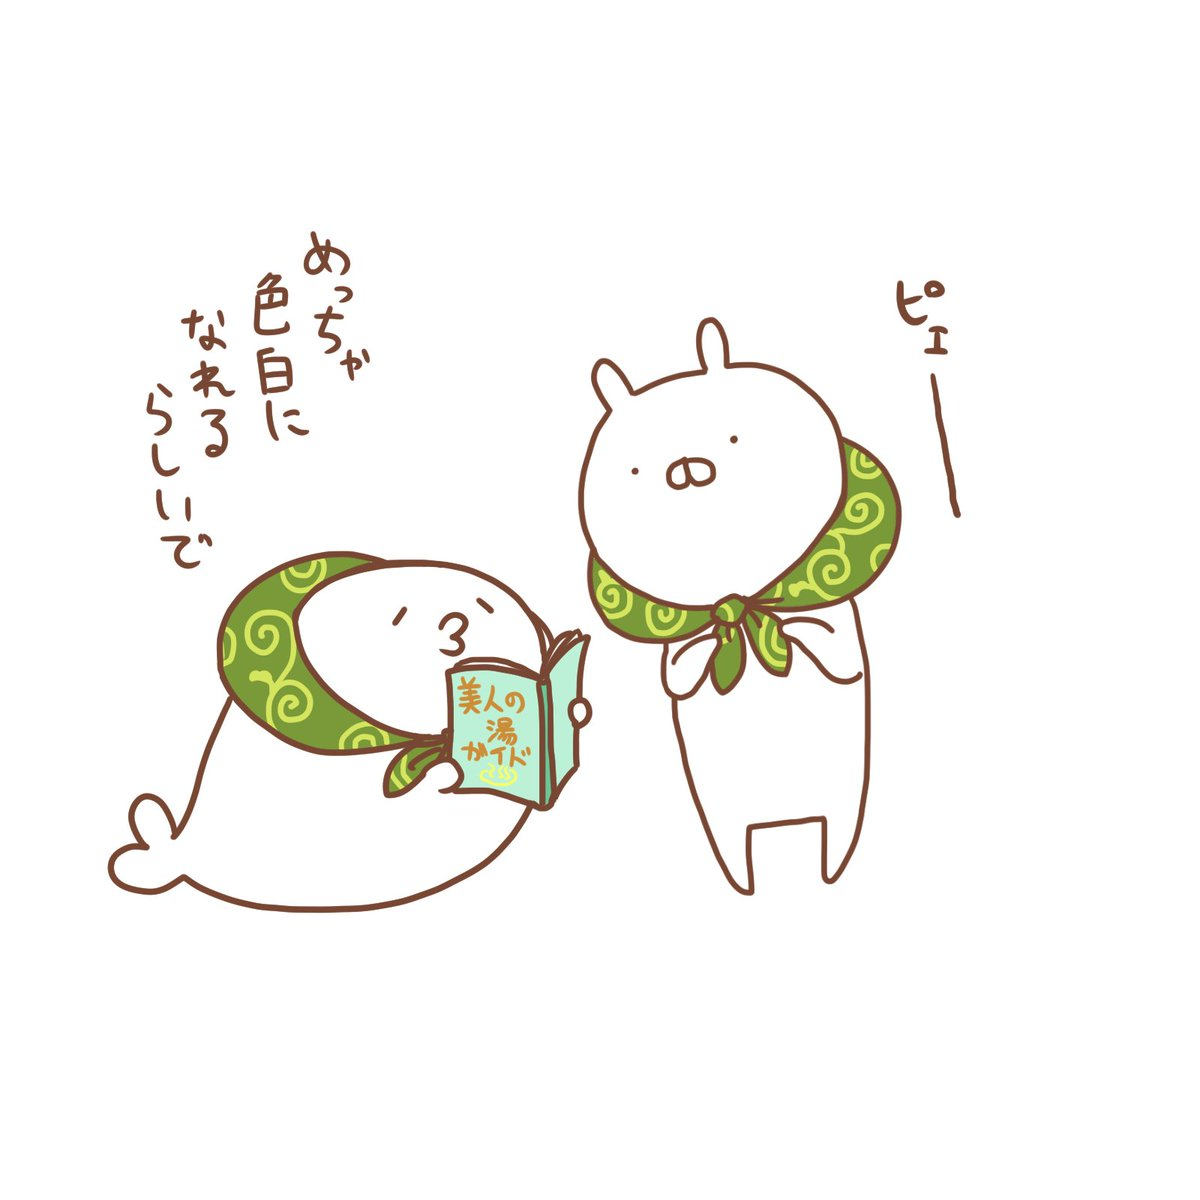 うさまるパイセンと温泉旅にでるで ※ちゃんと親御さん(sakumaruさん)に許可もらってまっせ! #あざらしさん #うさまる